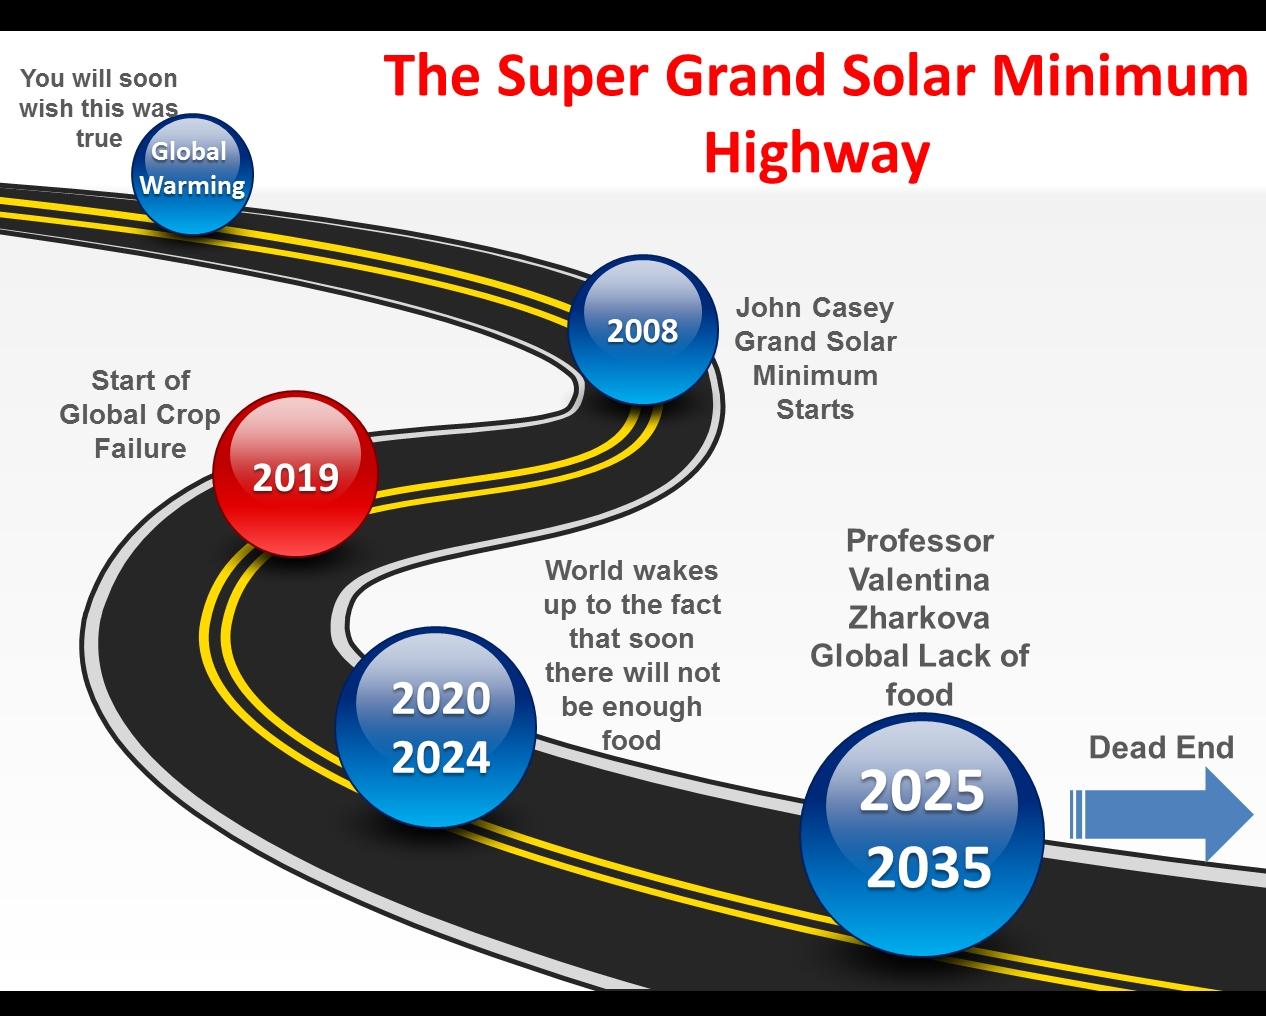 Surviving the Super Grand Solar Minimum